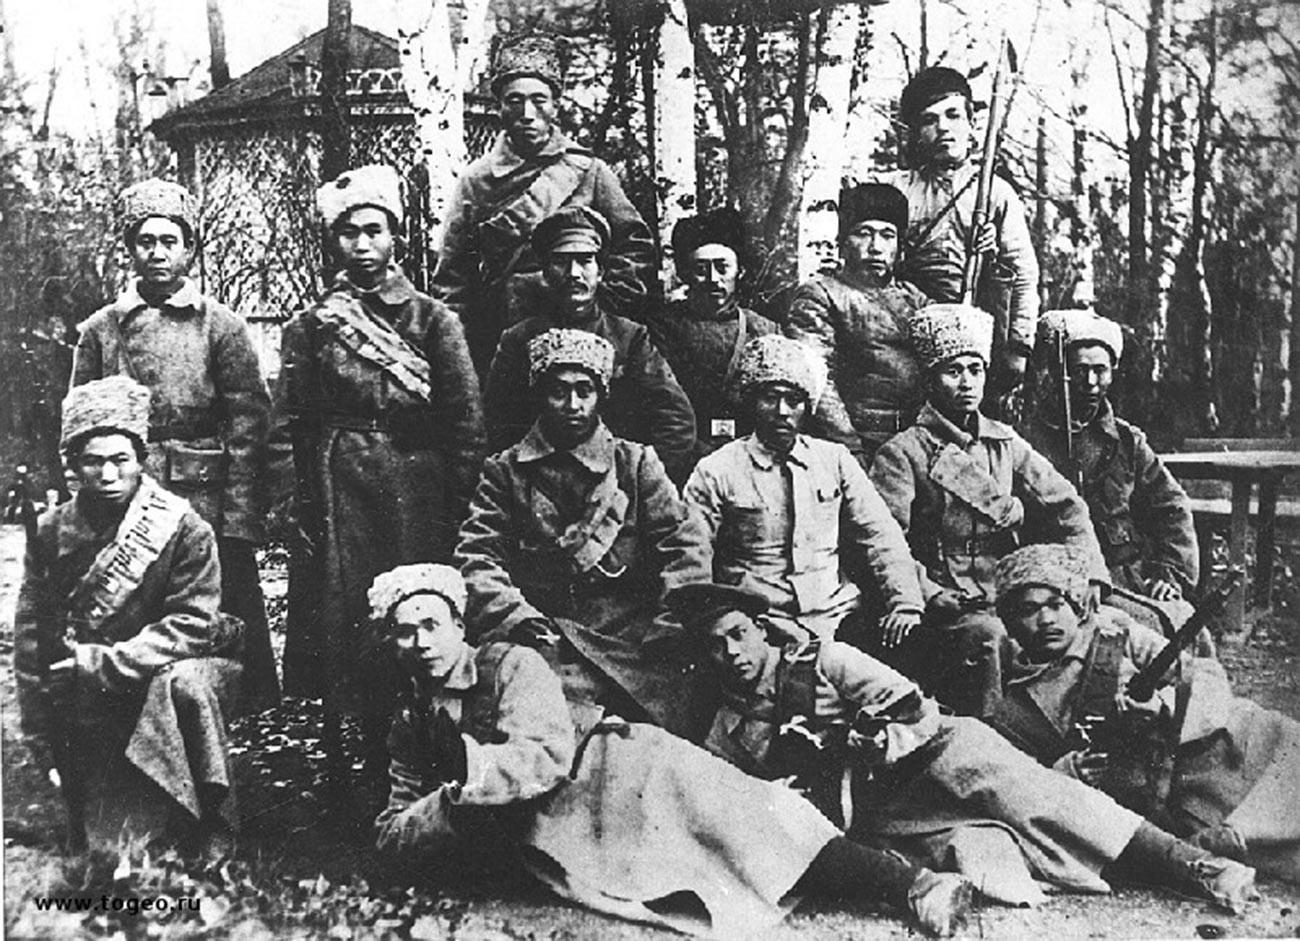 Poveljniki kitajskega polka, v sredini Ren Fučen